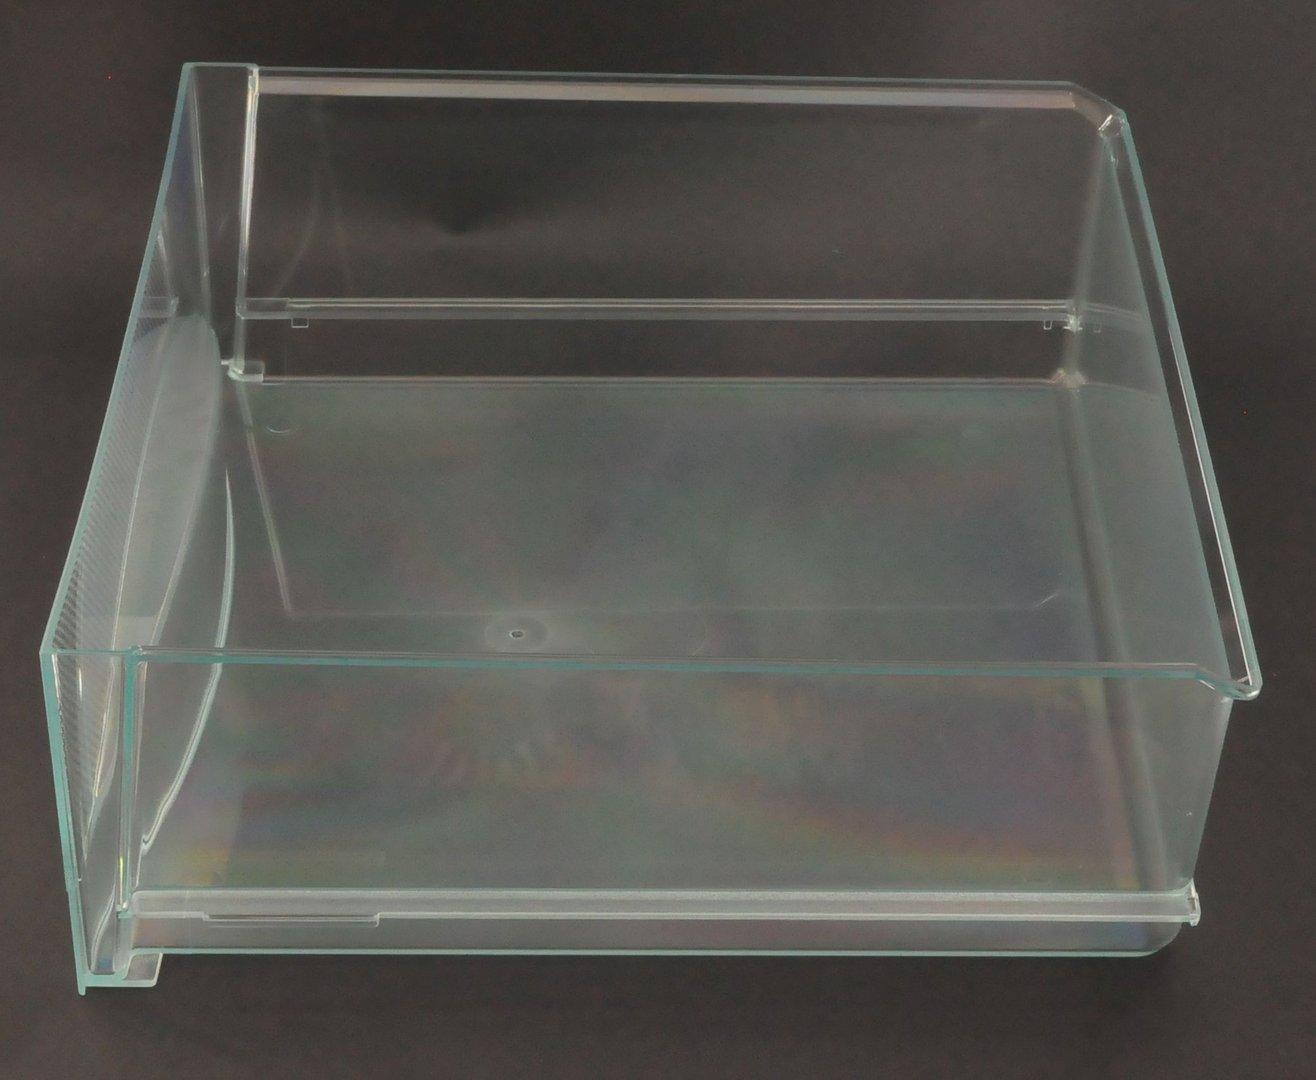 Bosch Kühlschrank Wasser Unter Gemüsefach : Bosch kühlschrank immer wasser unter gemüsefach aeg kühlschrank